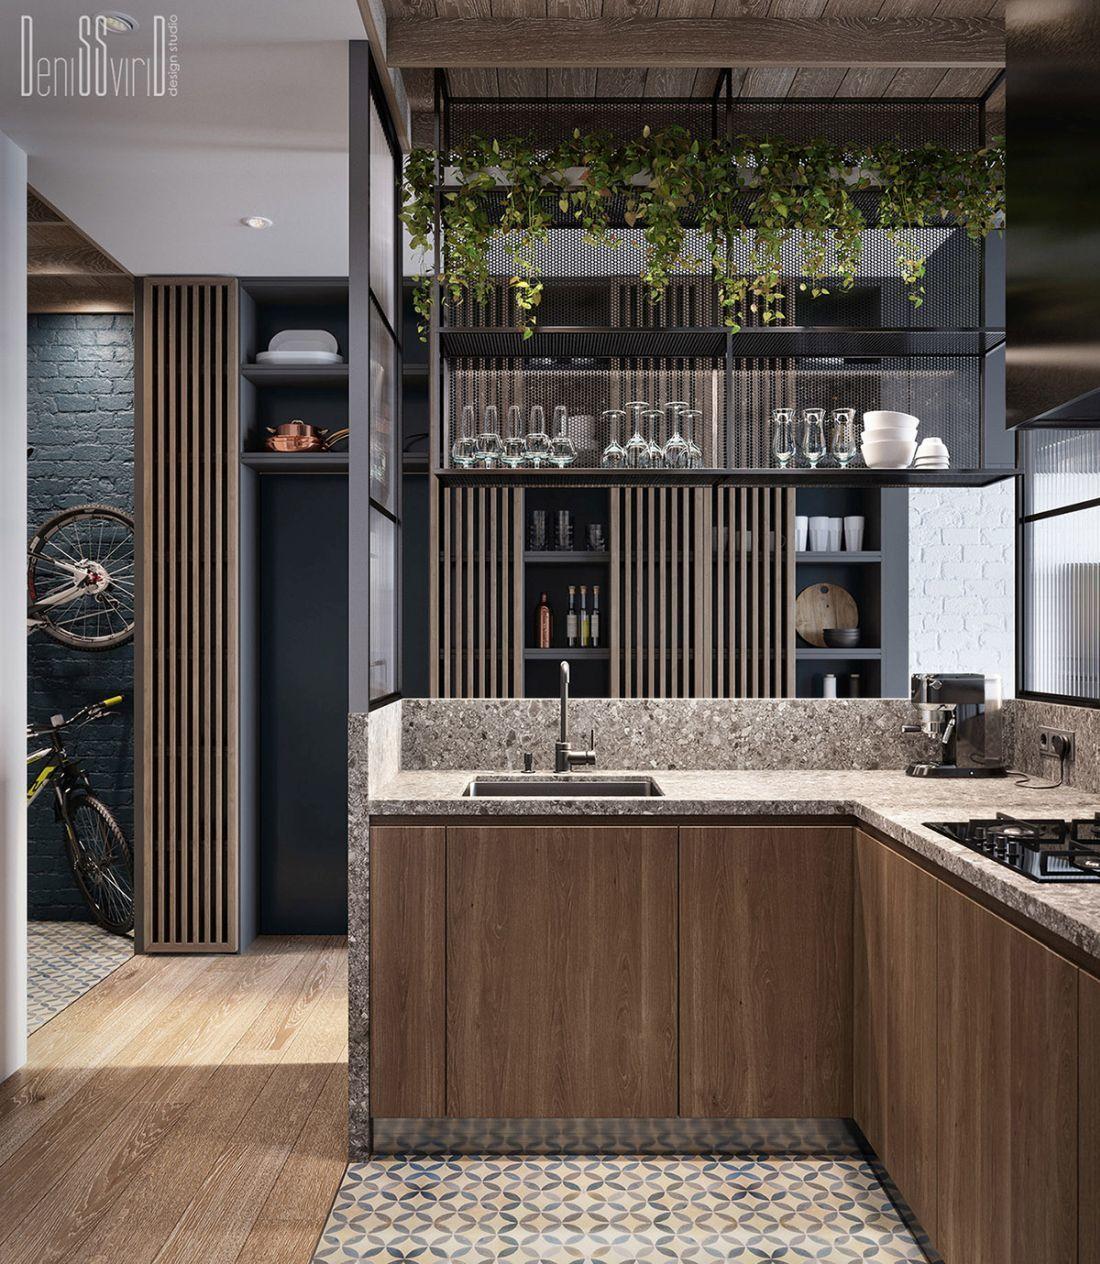 Letisztult minőségi felületek finom összhangja a konyhában